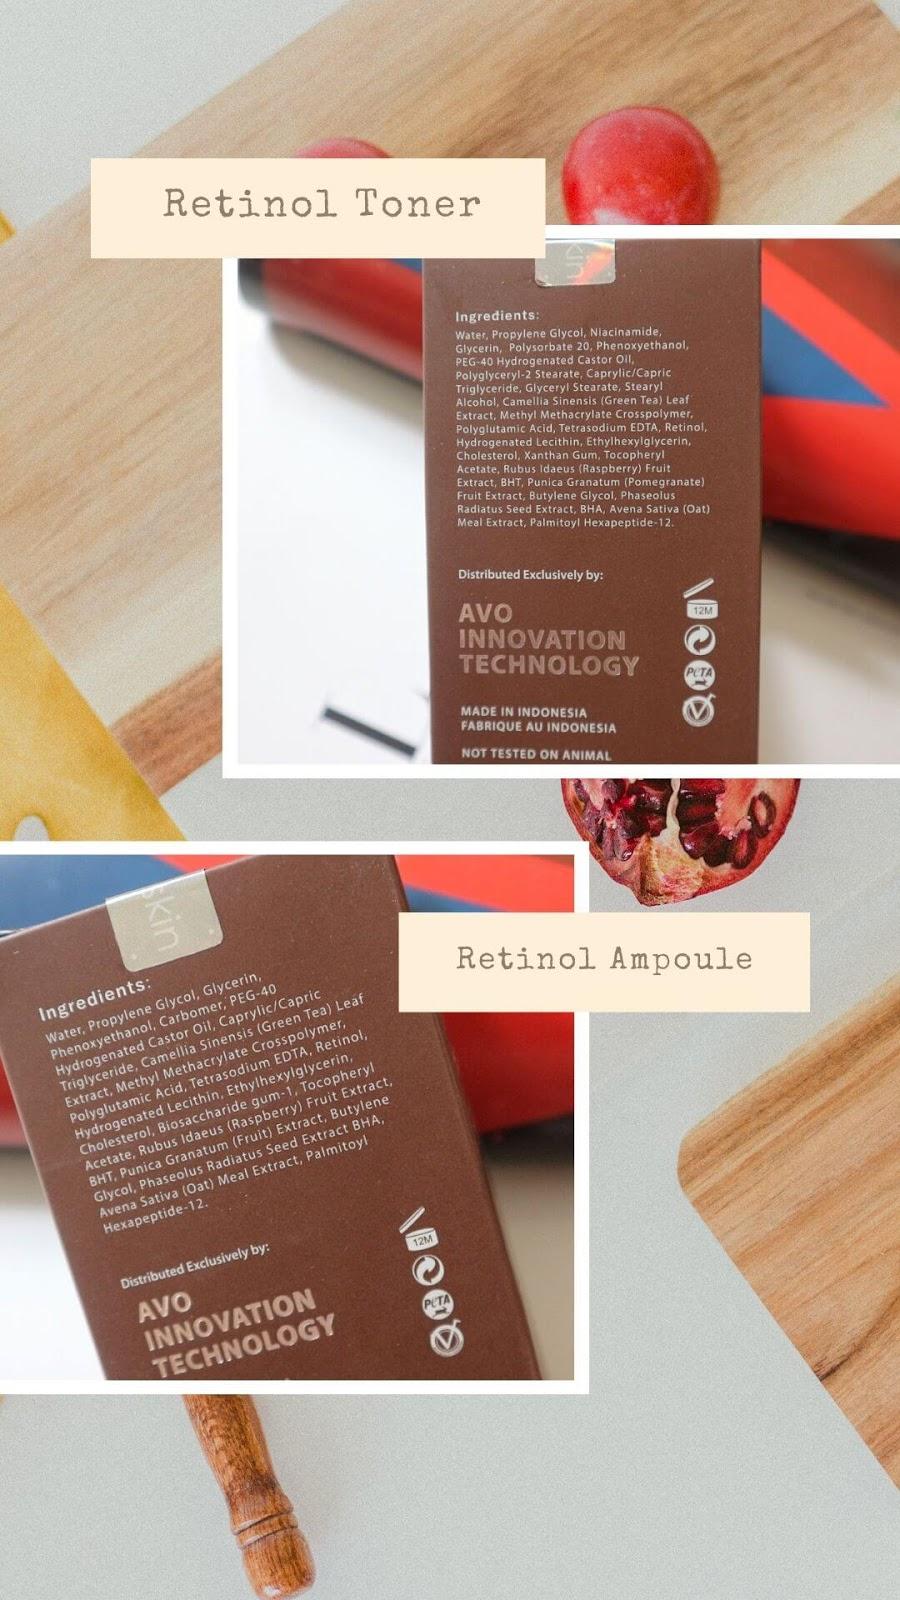 Ingredients Avoskin Miraculous Retinol Series